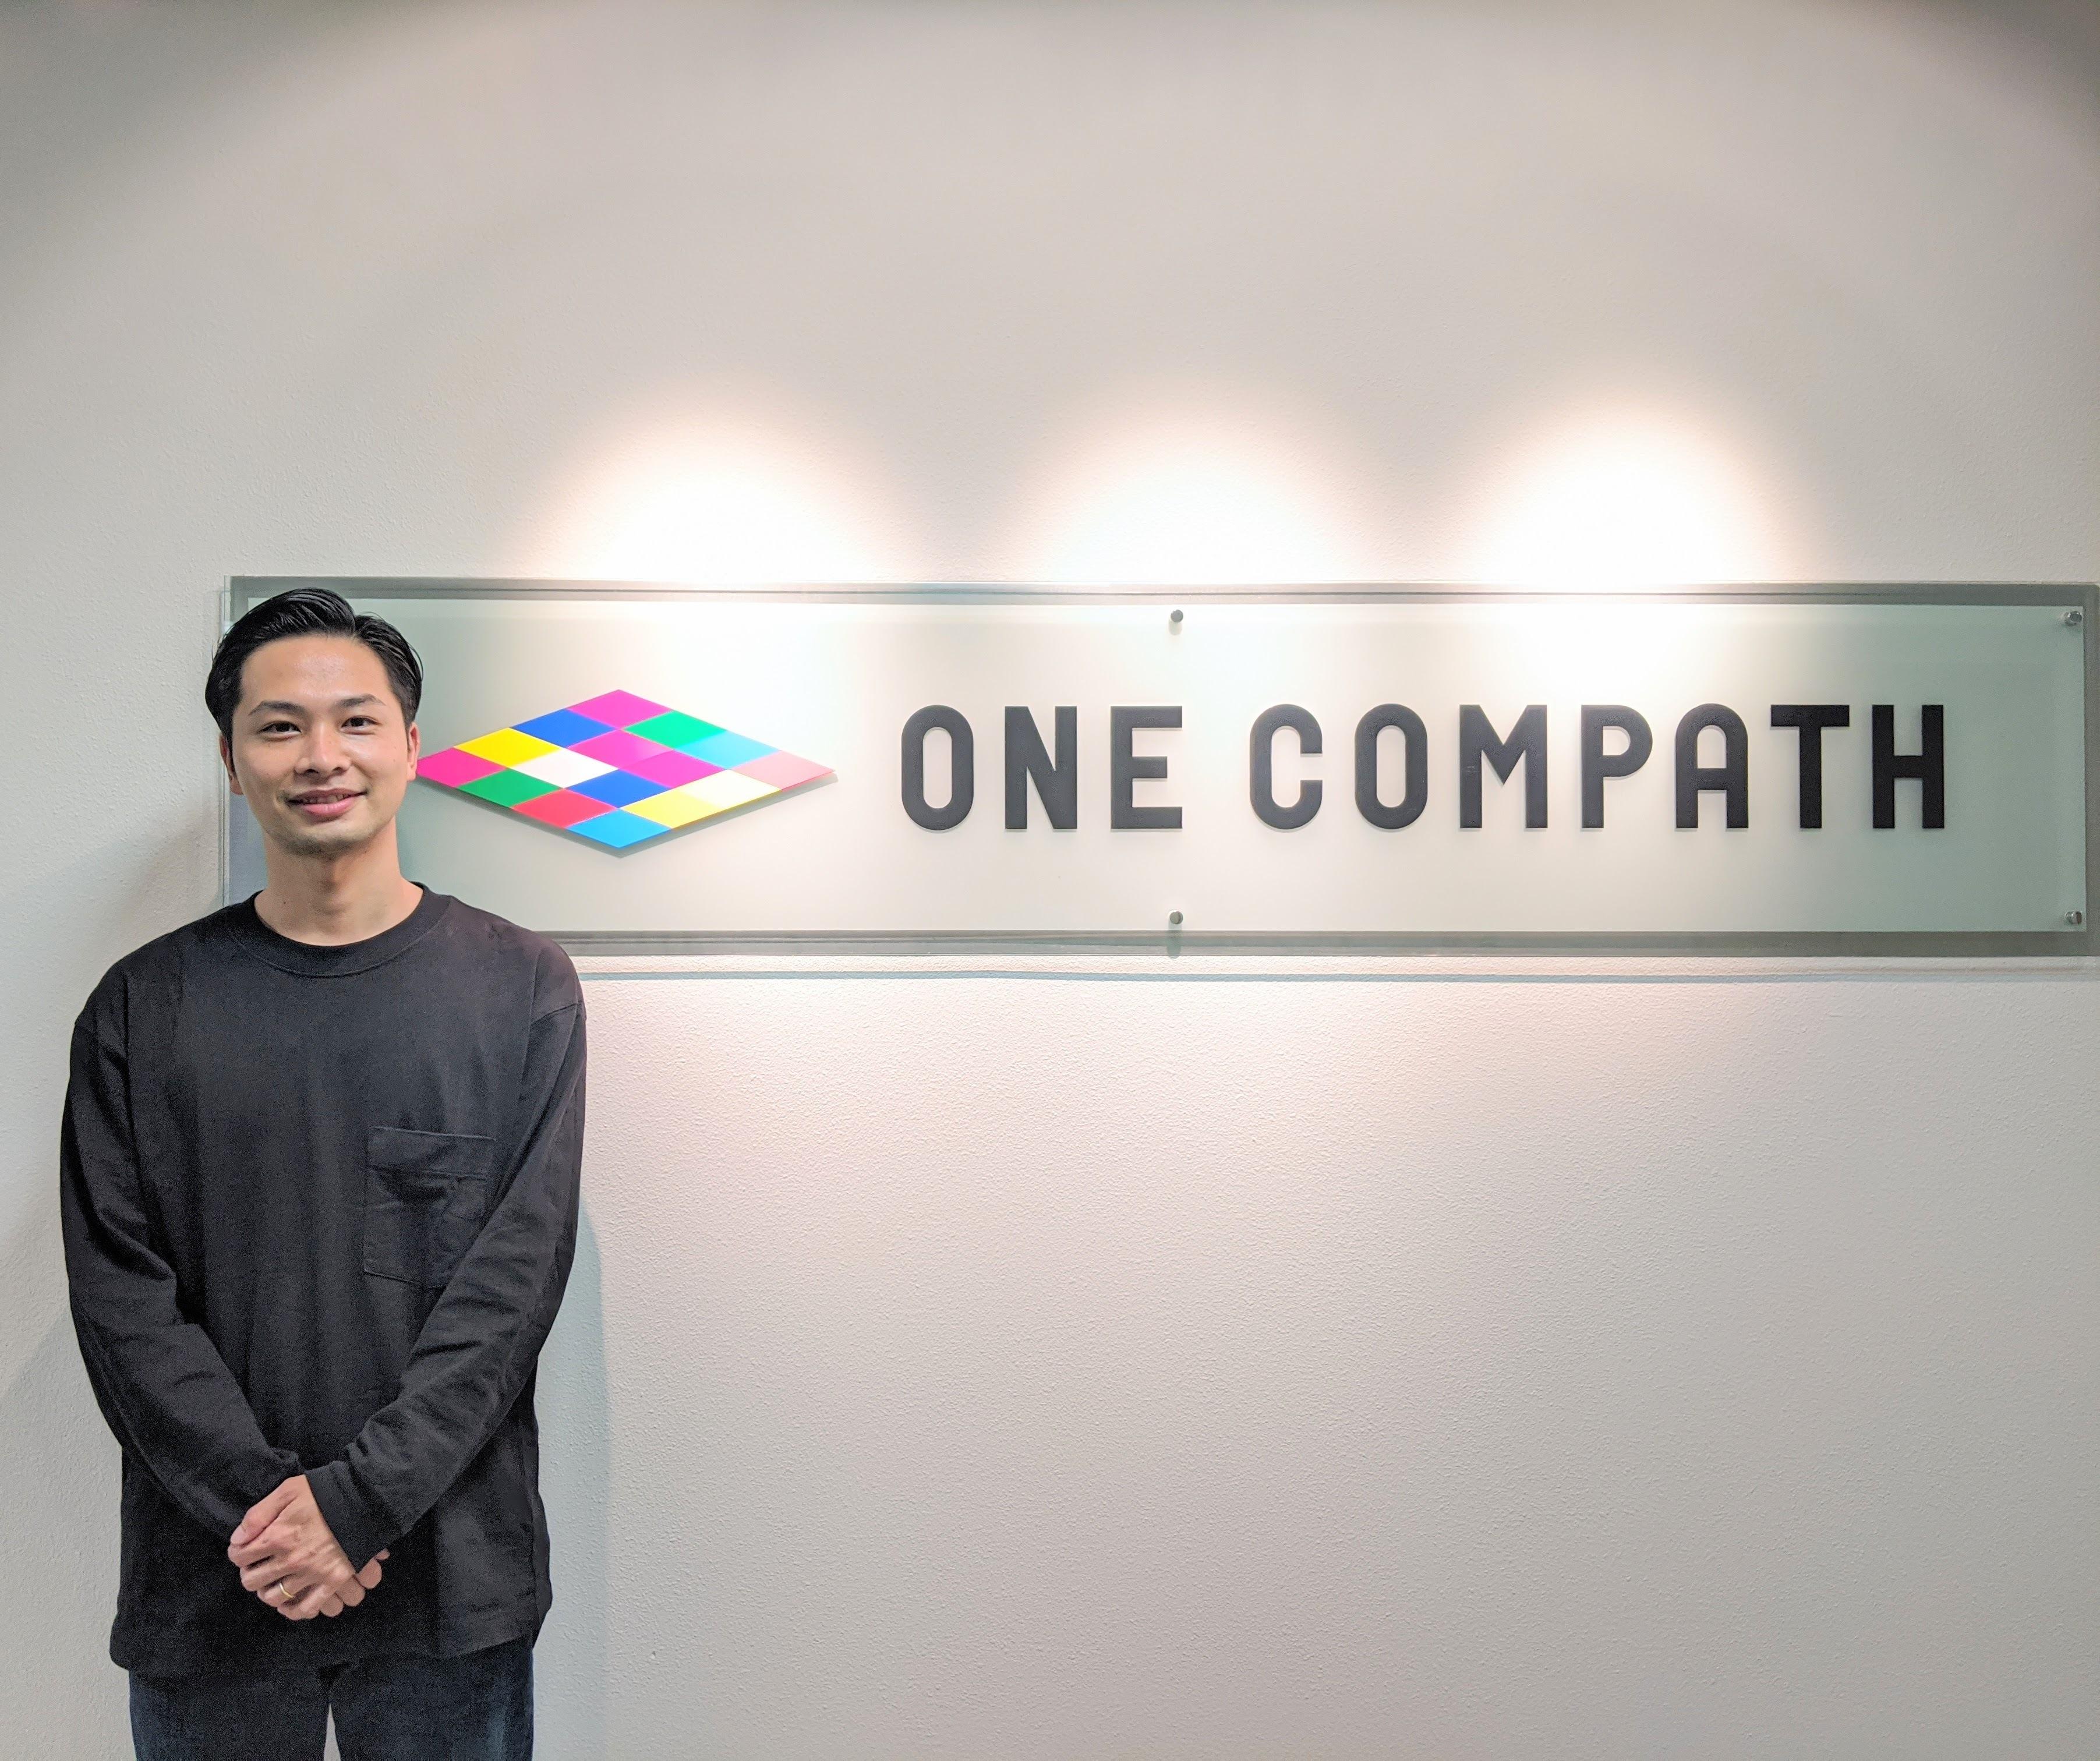 株式会社ONE COMPATH(ワン・コンパス)